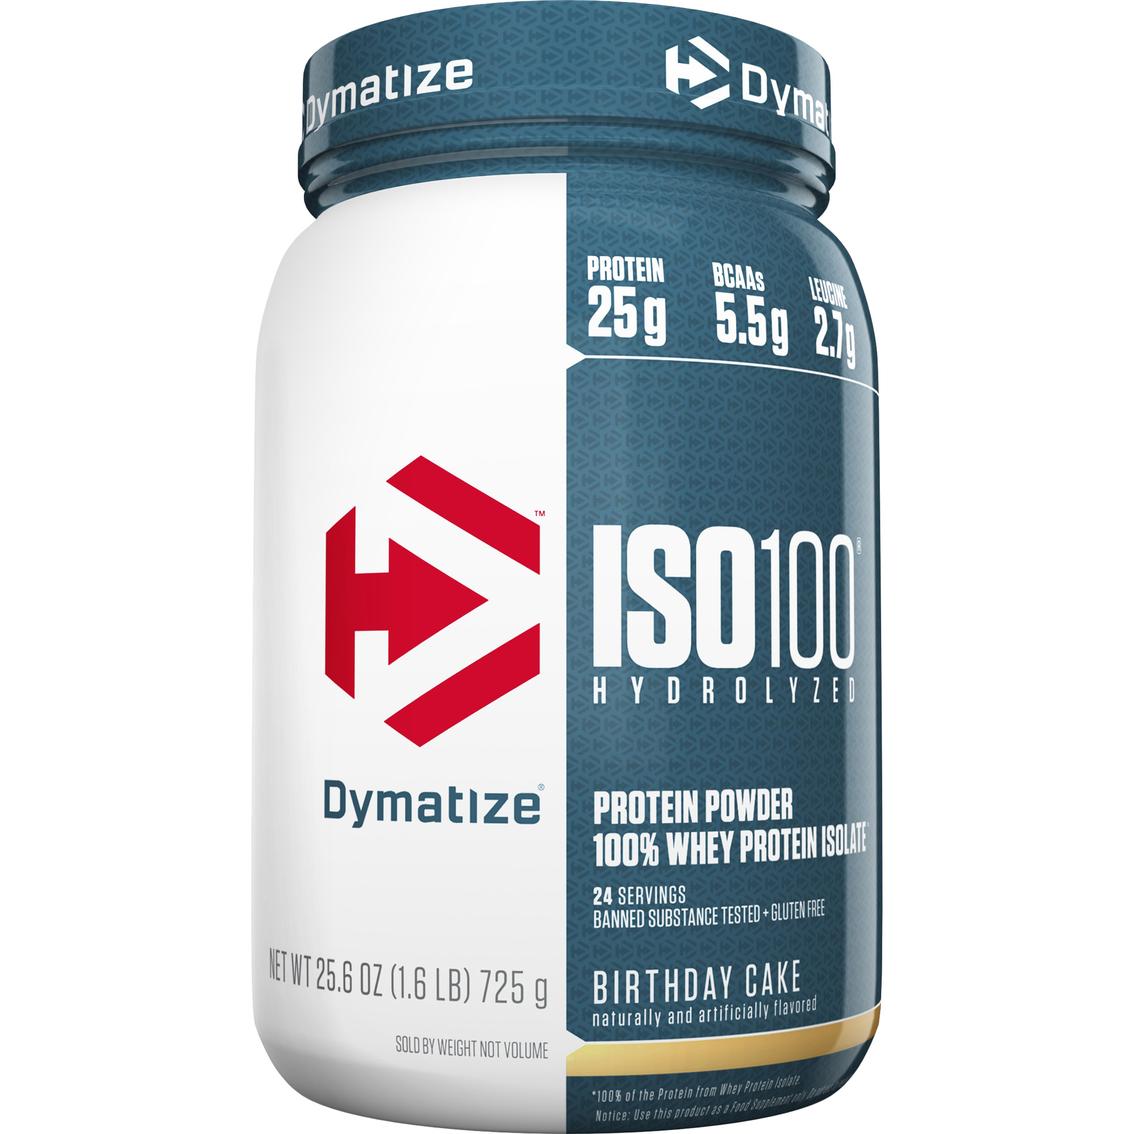 Dymatize Iso 100 Hydrolyzed Whey Protein, Birthday Cake | Protein ...